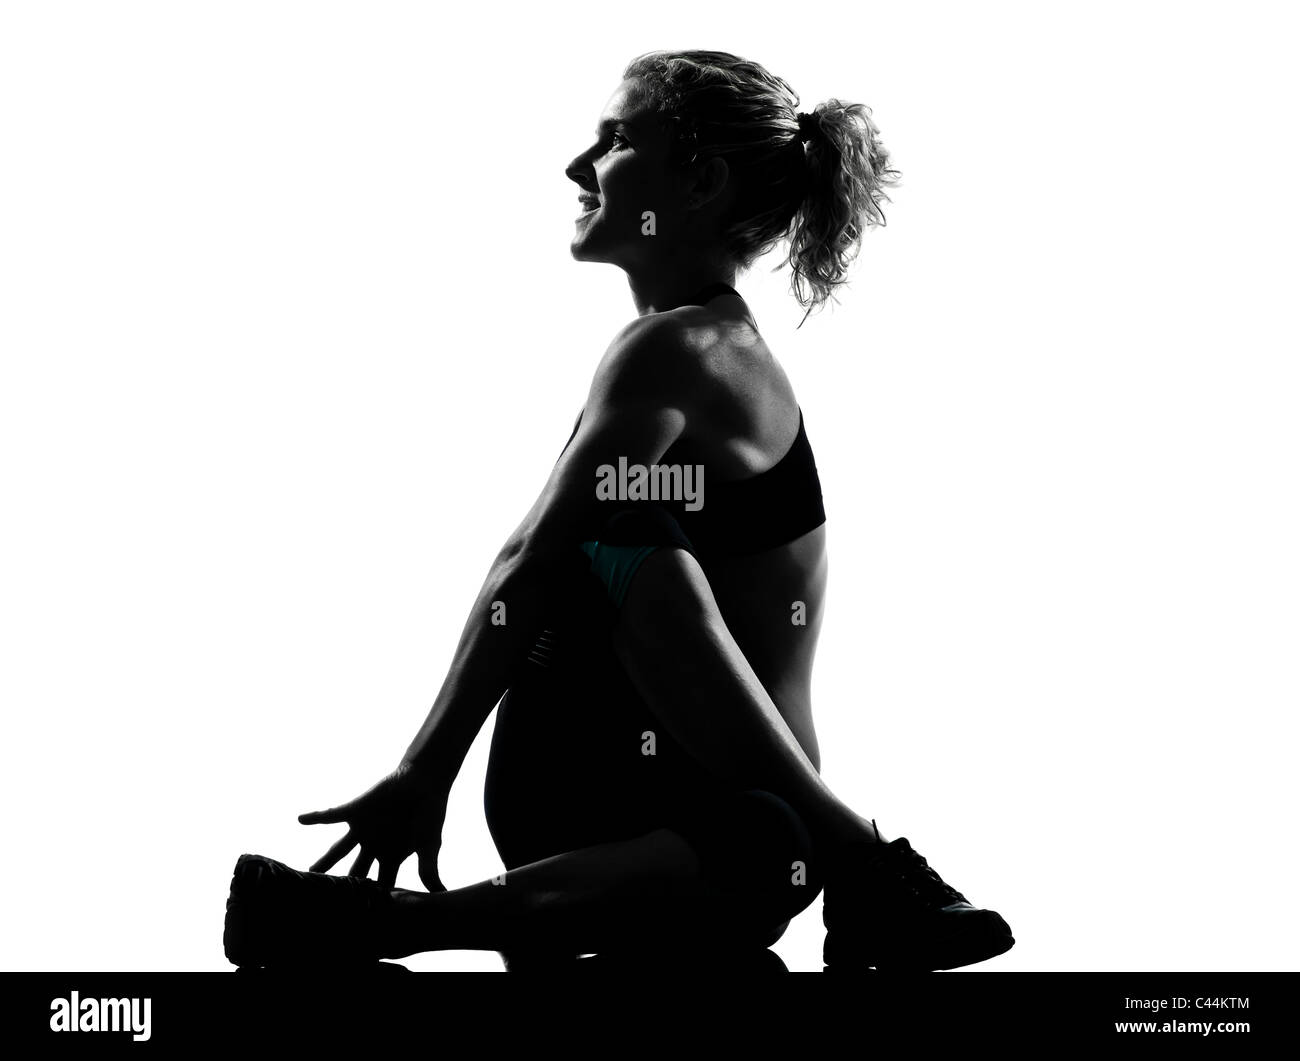 Une femme l'exercice de l'échauffement étirements yoga fitness aérobie d'entraînement Photo Stock